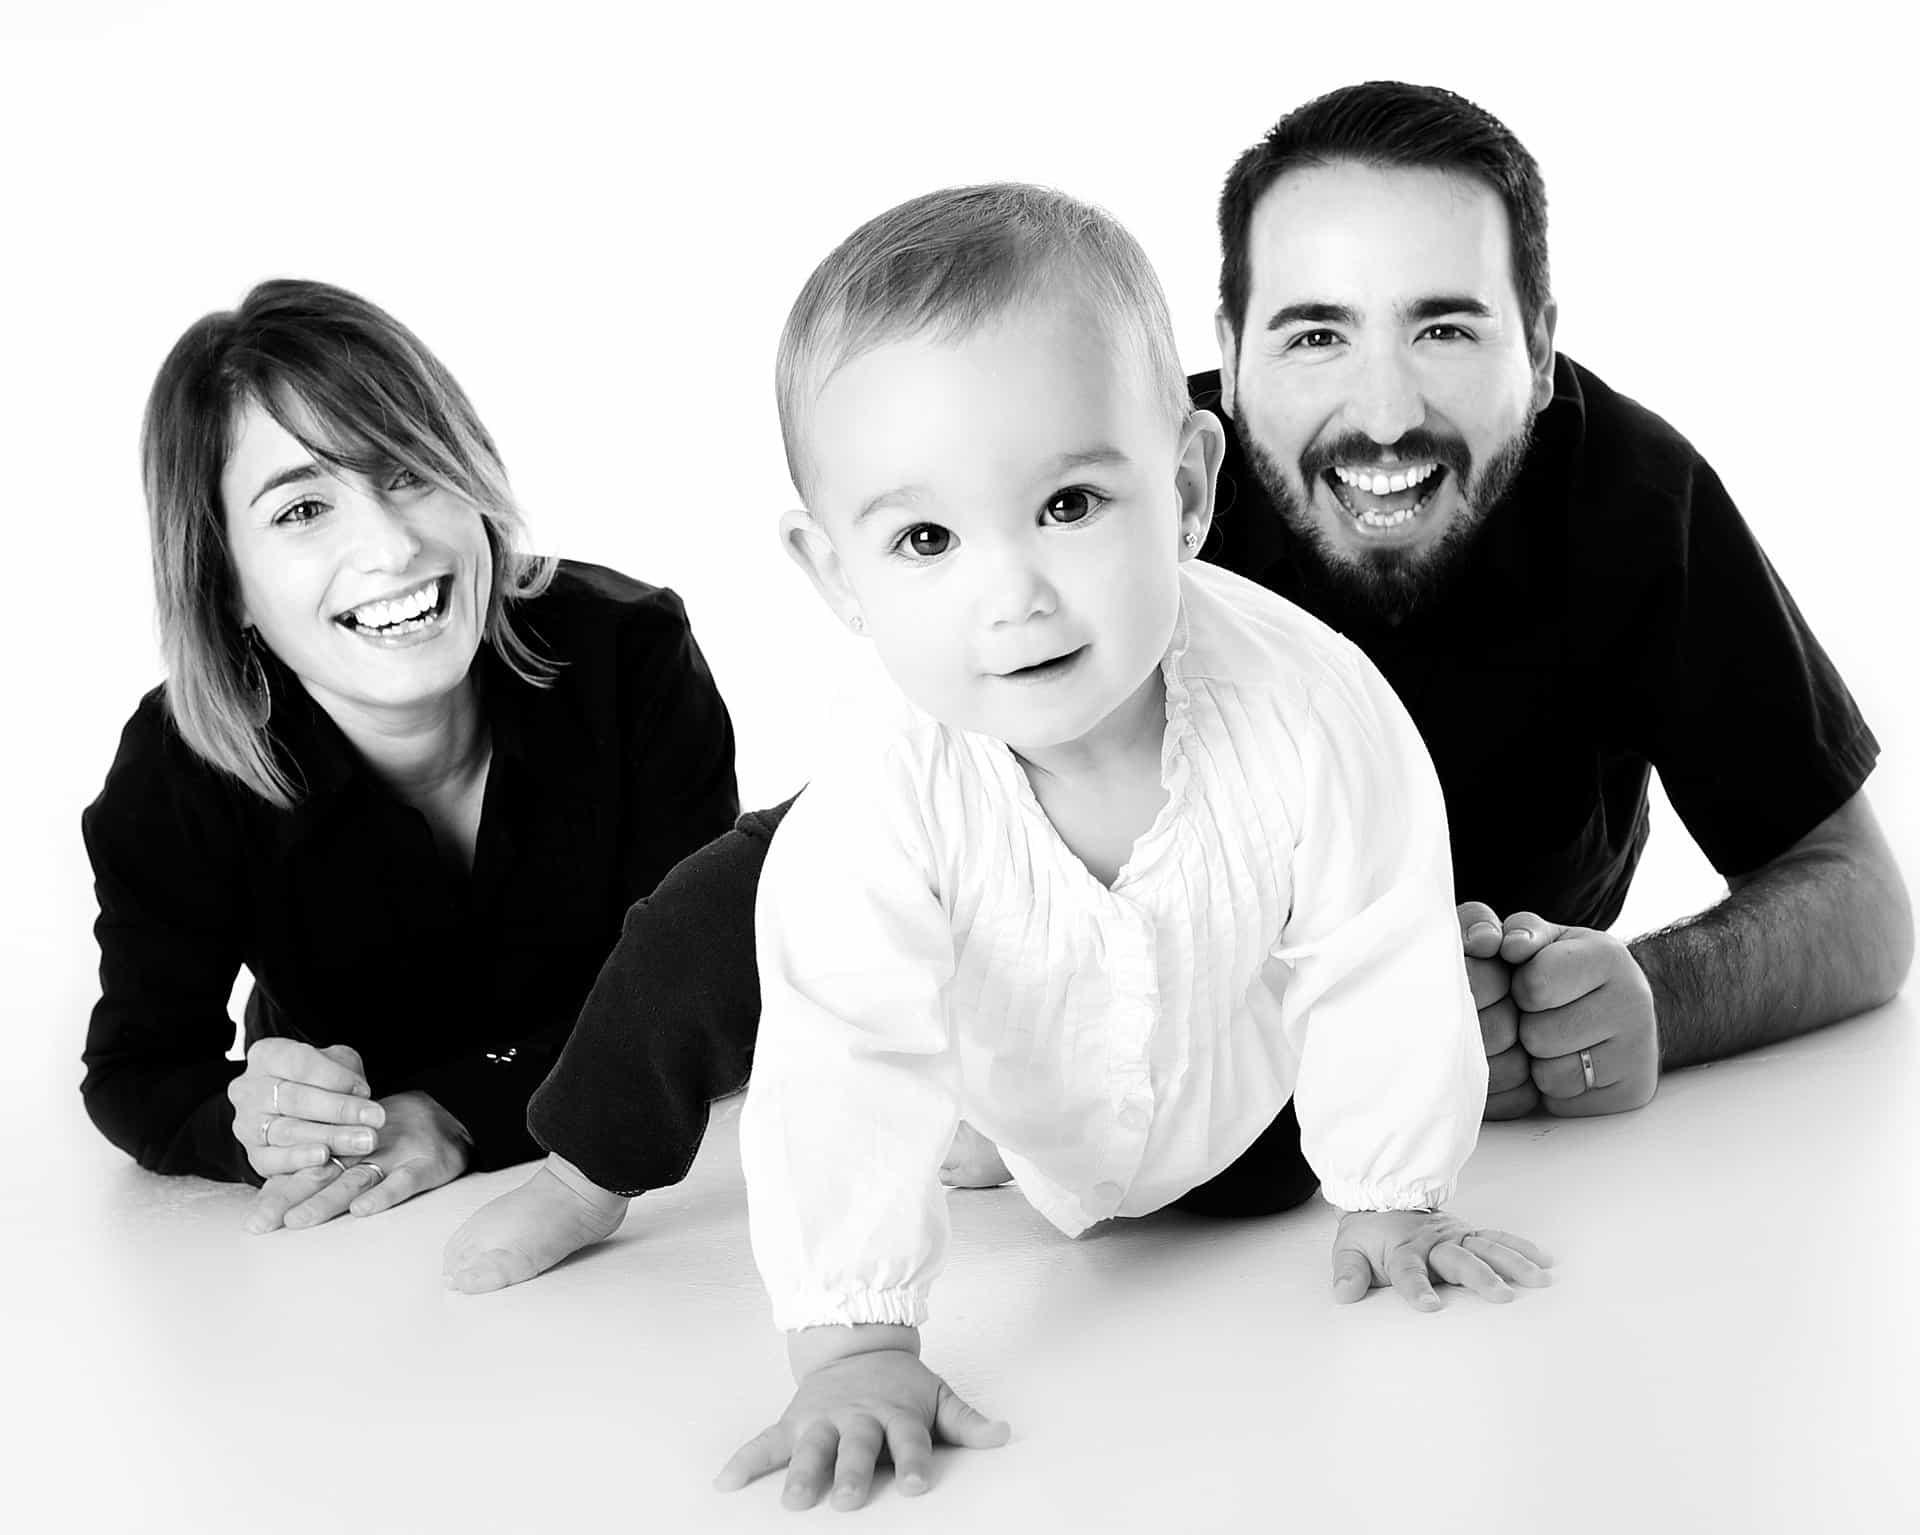 האם להתערב בהחלטות ההורים כלפי ילדיהם?